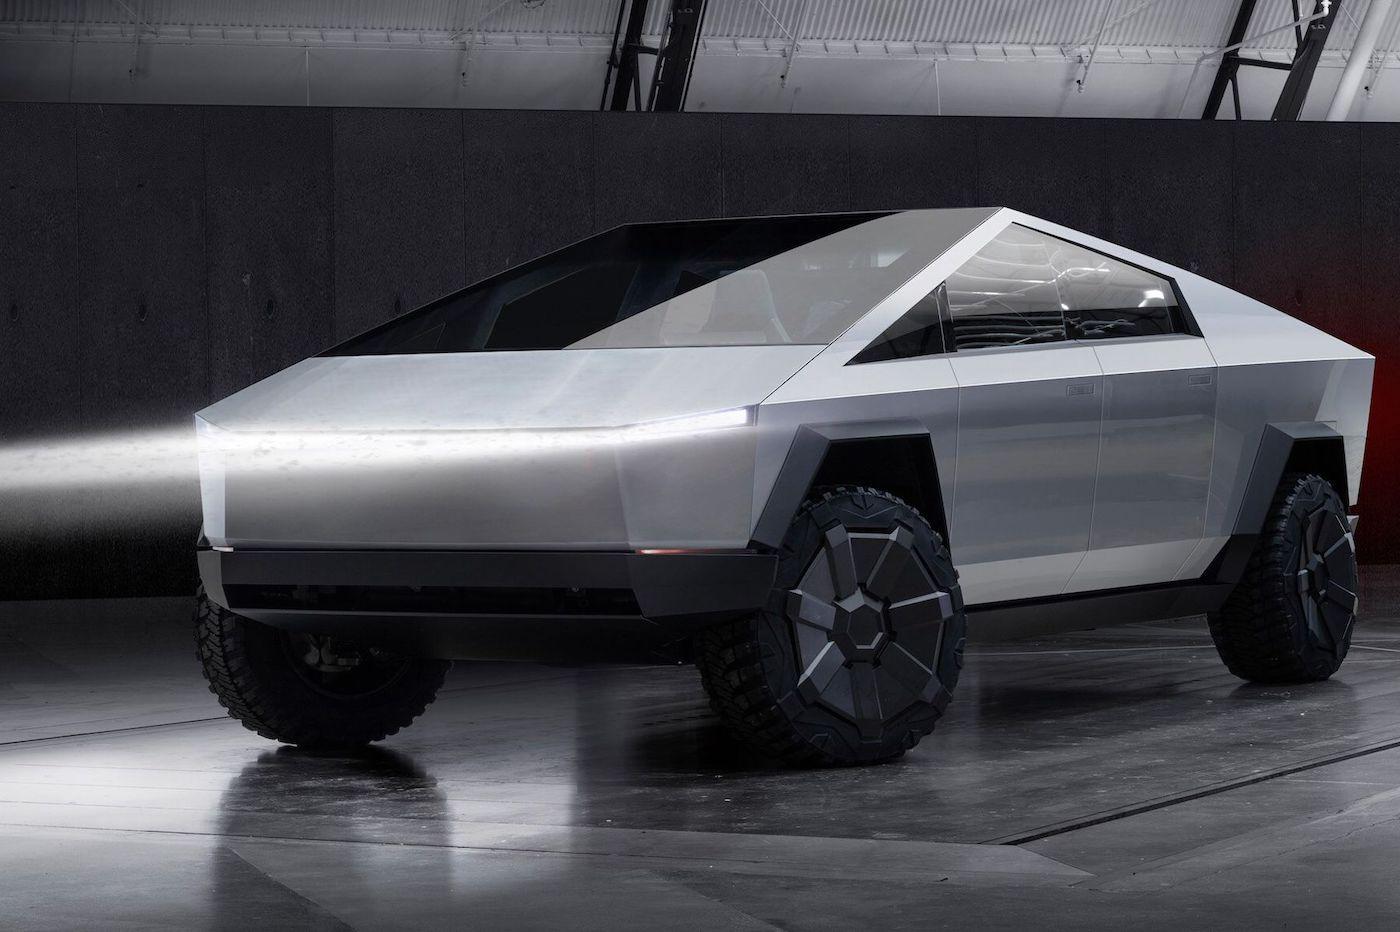 Détrompez-vous, le style du Cybertruck pourrait être très rentable pour Tesla